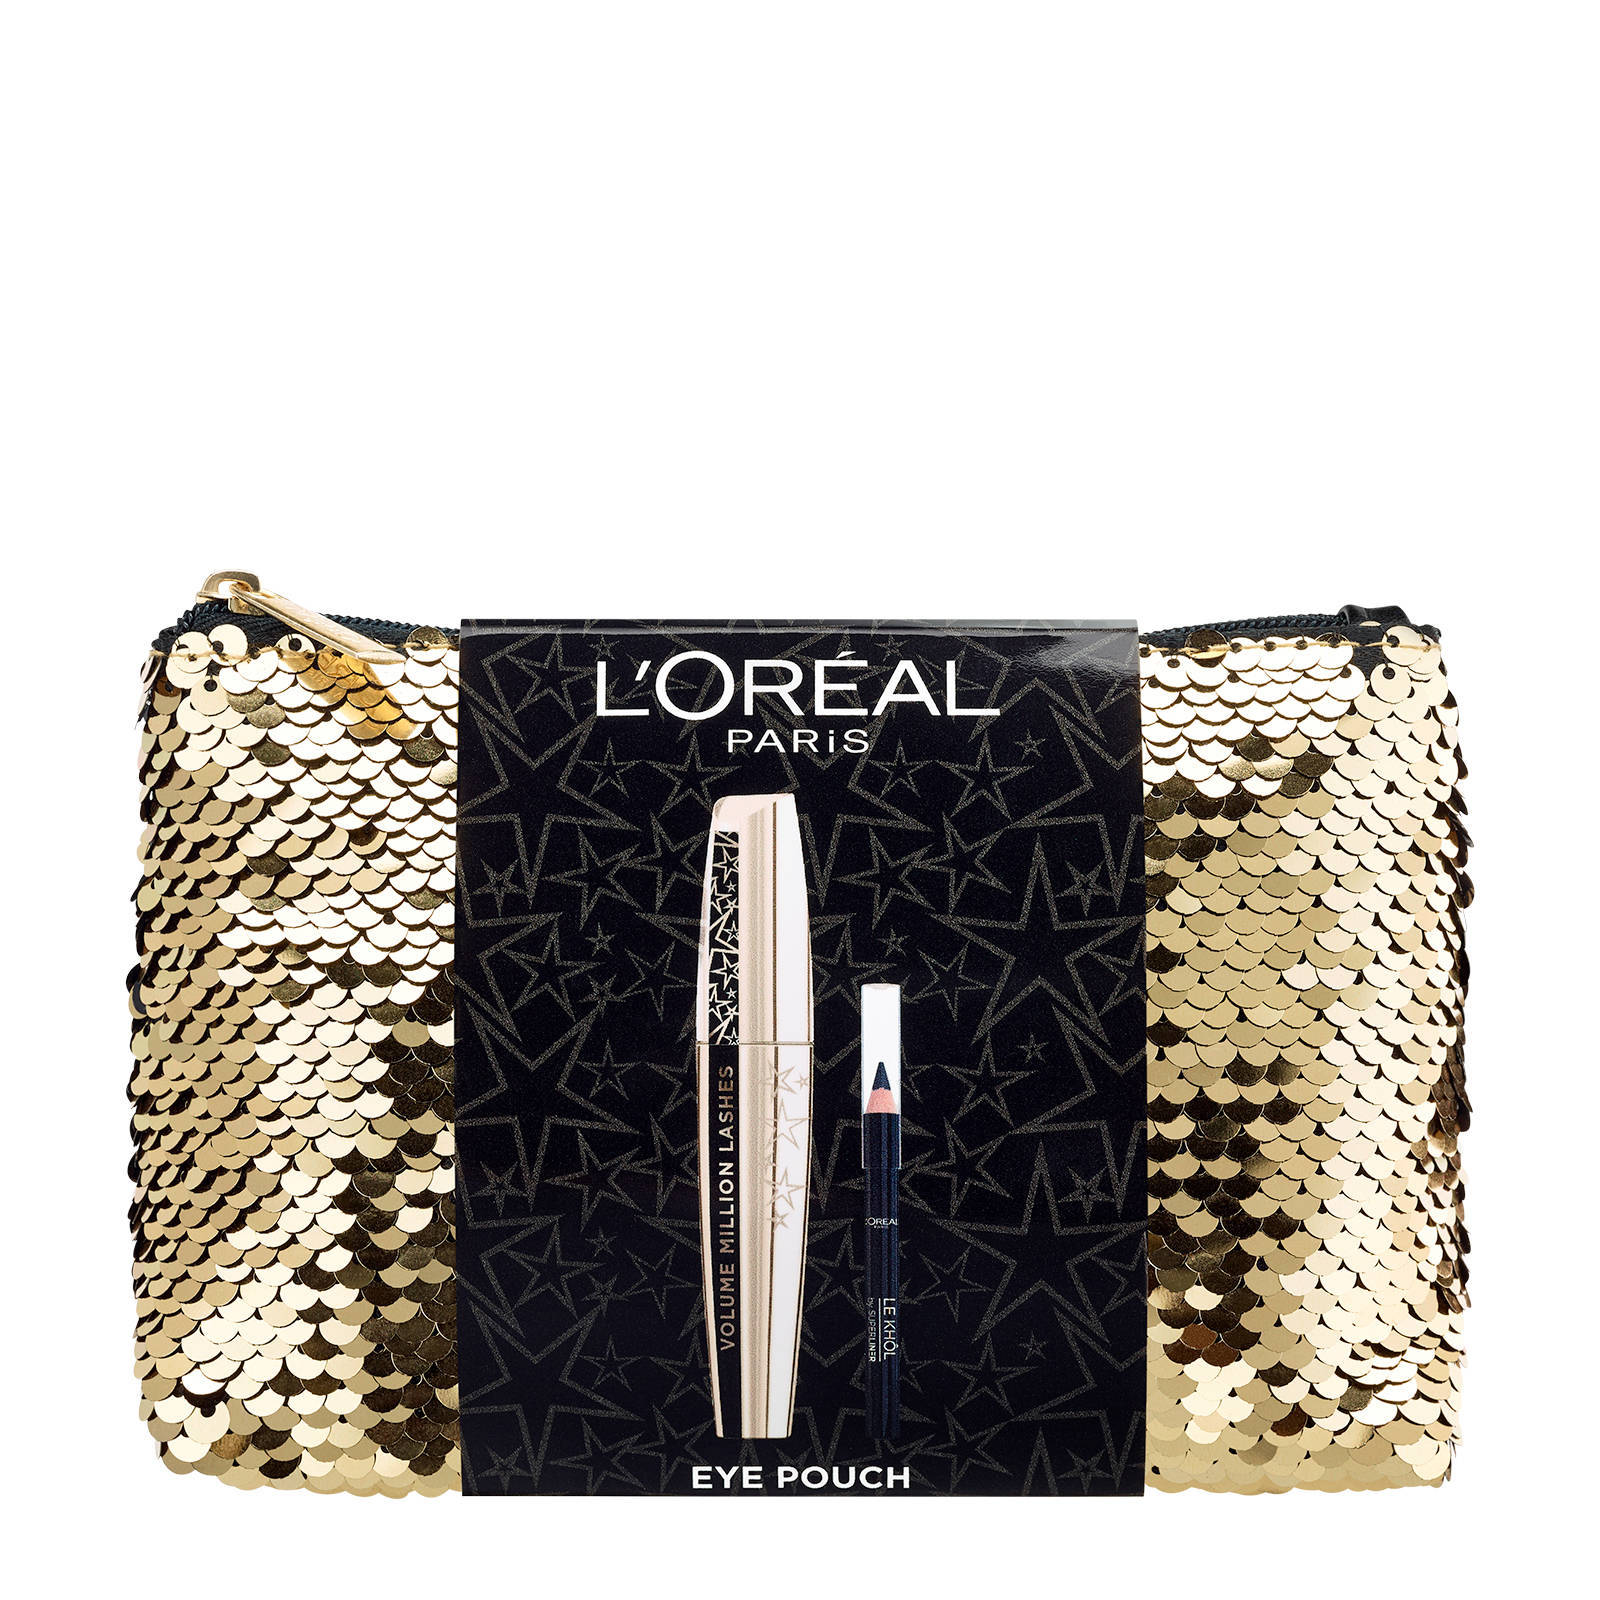 L'Oréal Paris Eye Pouch geschenkset